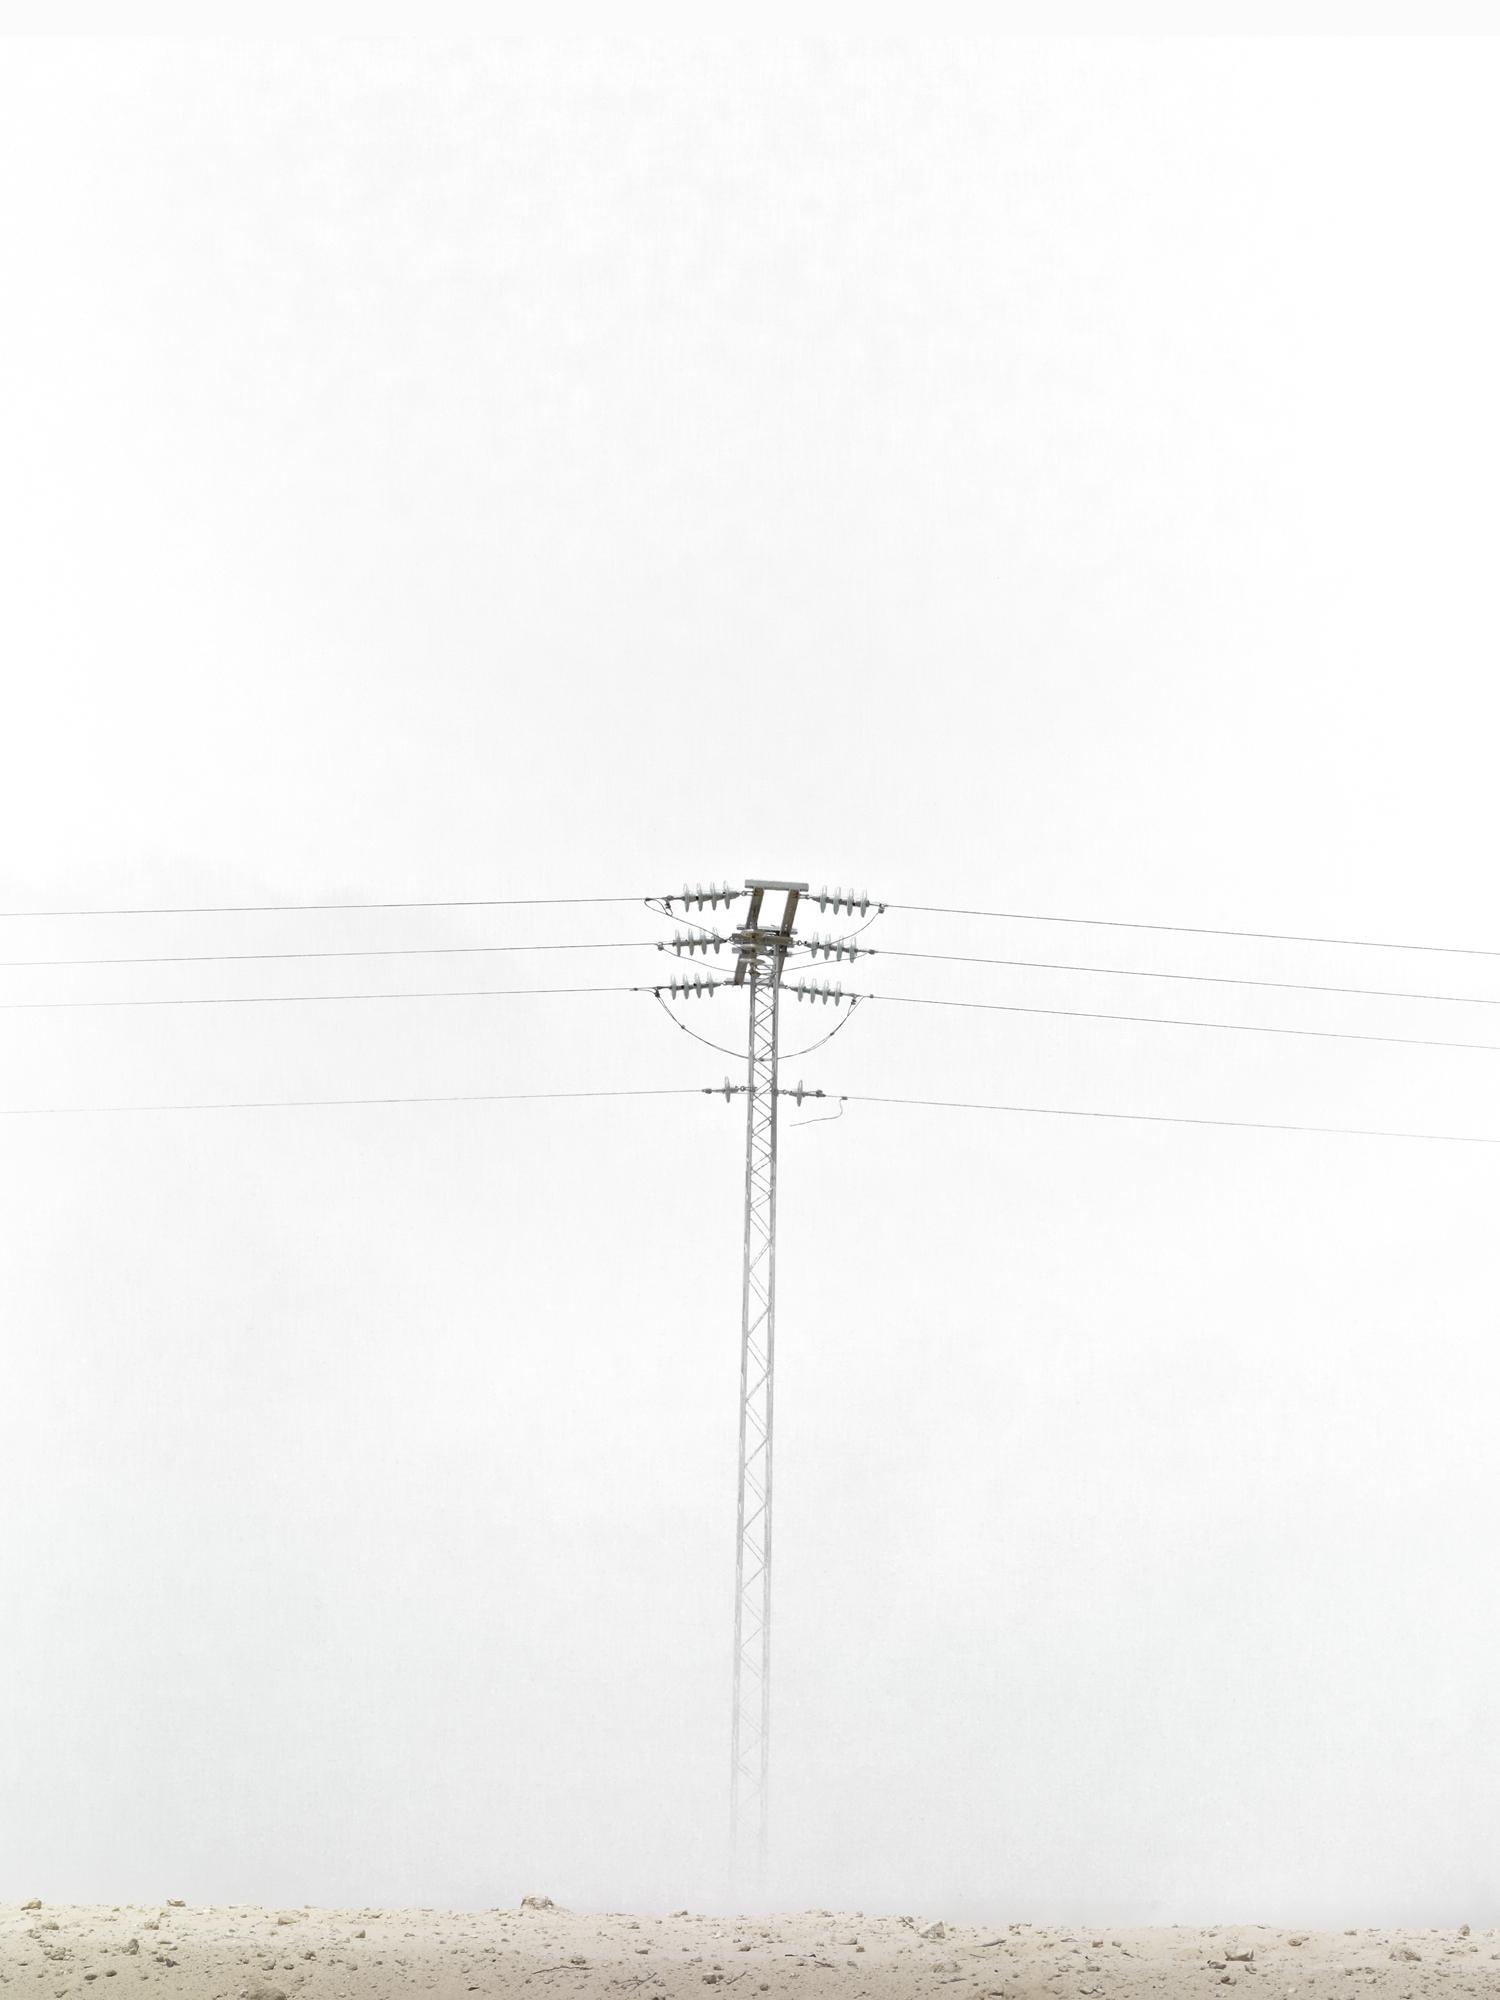 Wired-242-B.jpg